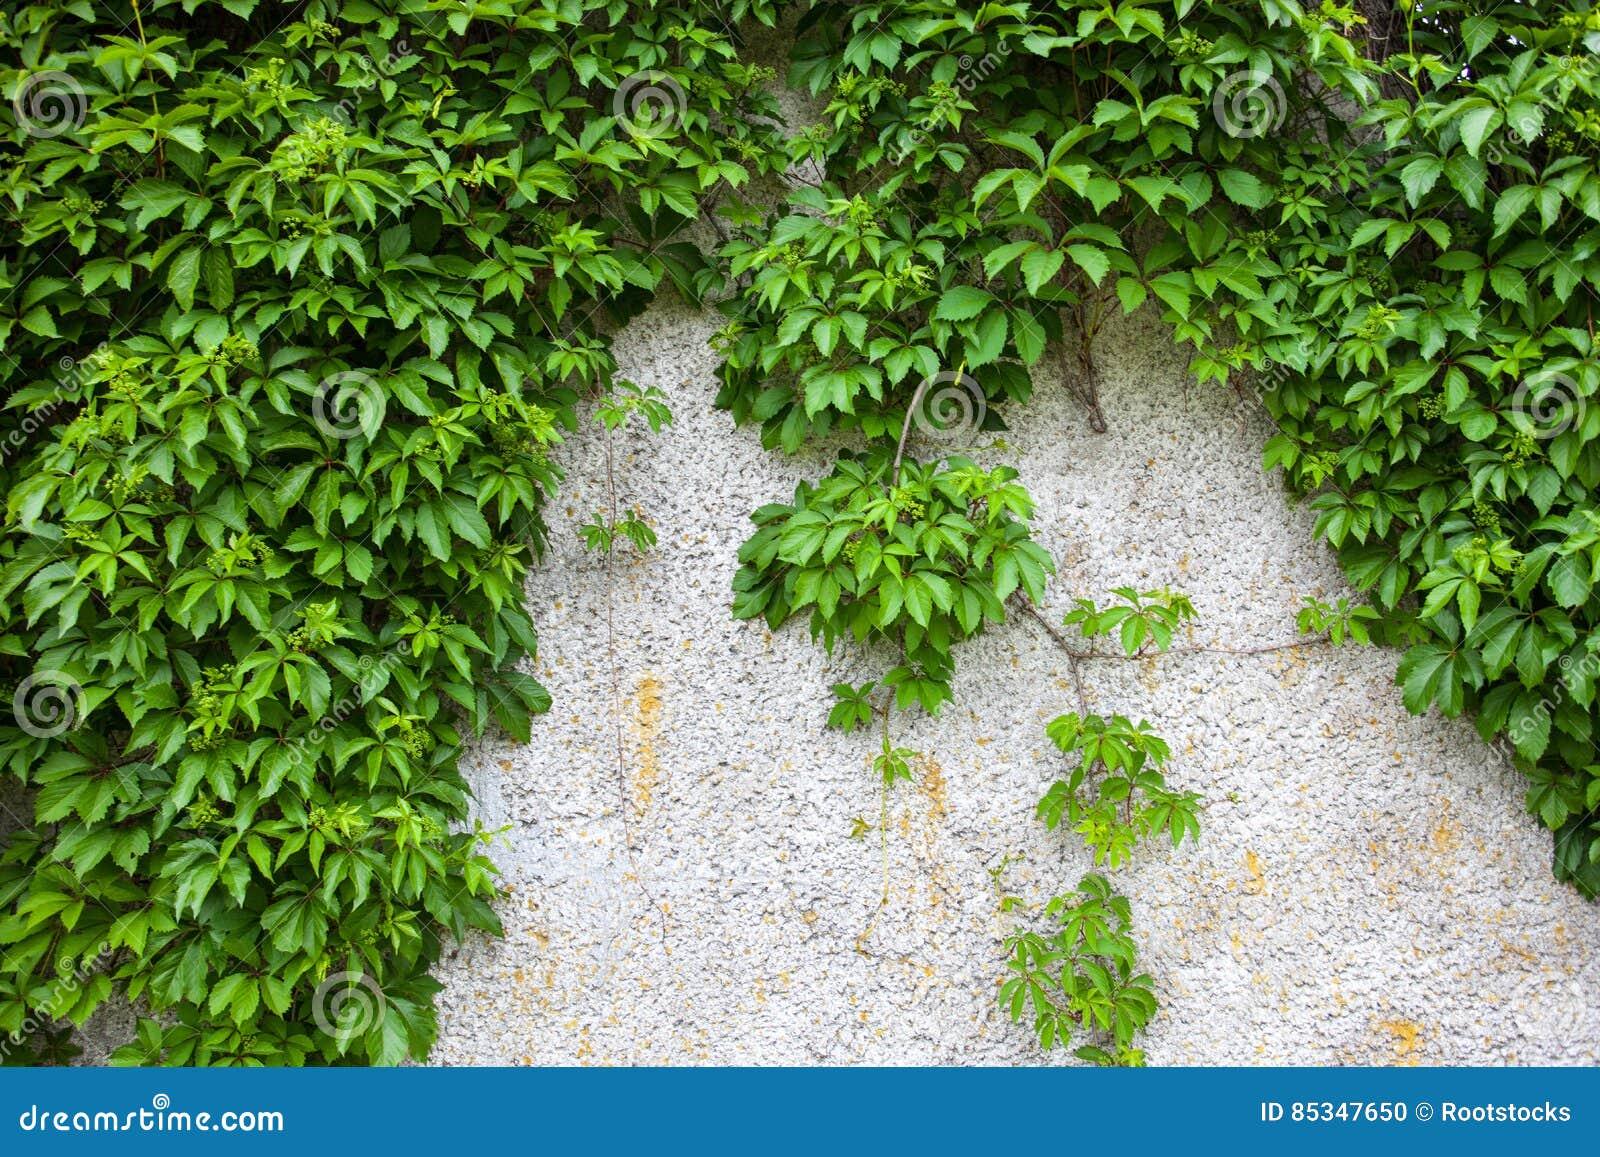 vieux mur en b ton couvert de lierre vert photo stock image 85347650. Black Bedroom Furniture Sets. Home Design Ideas